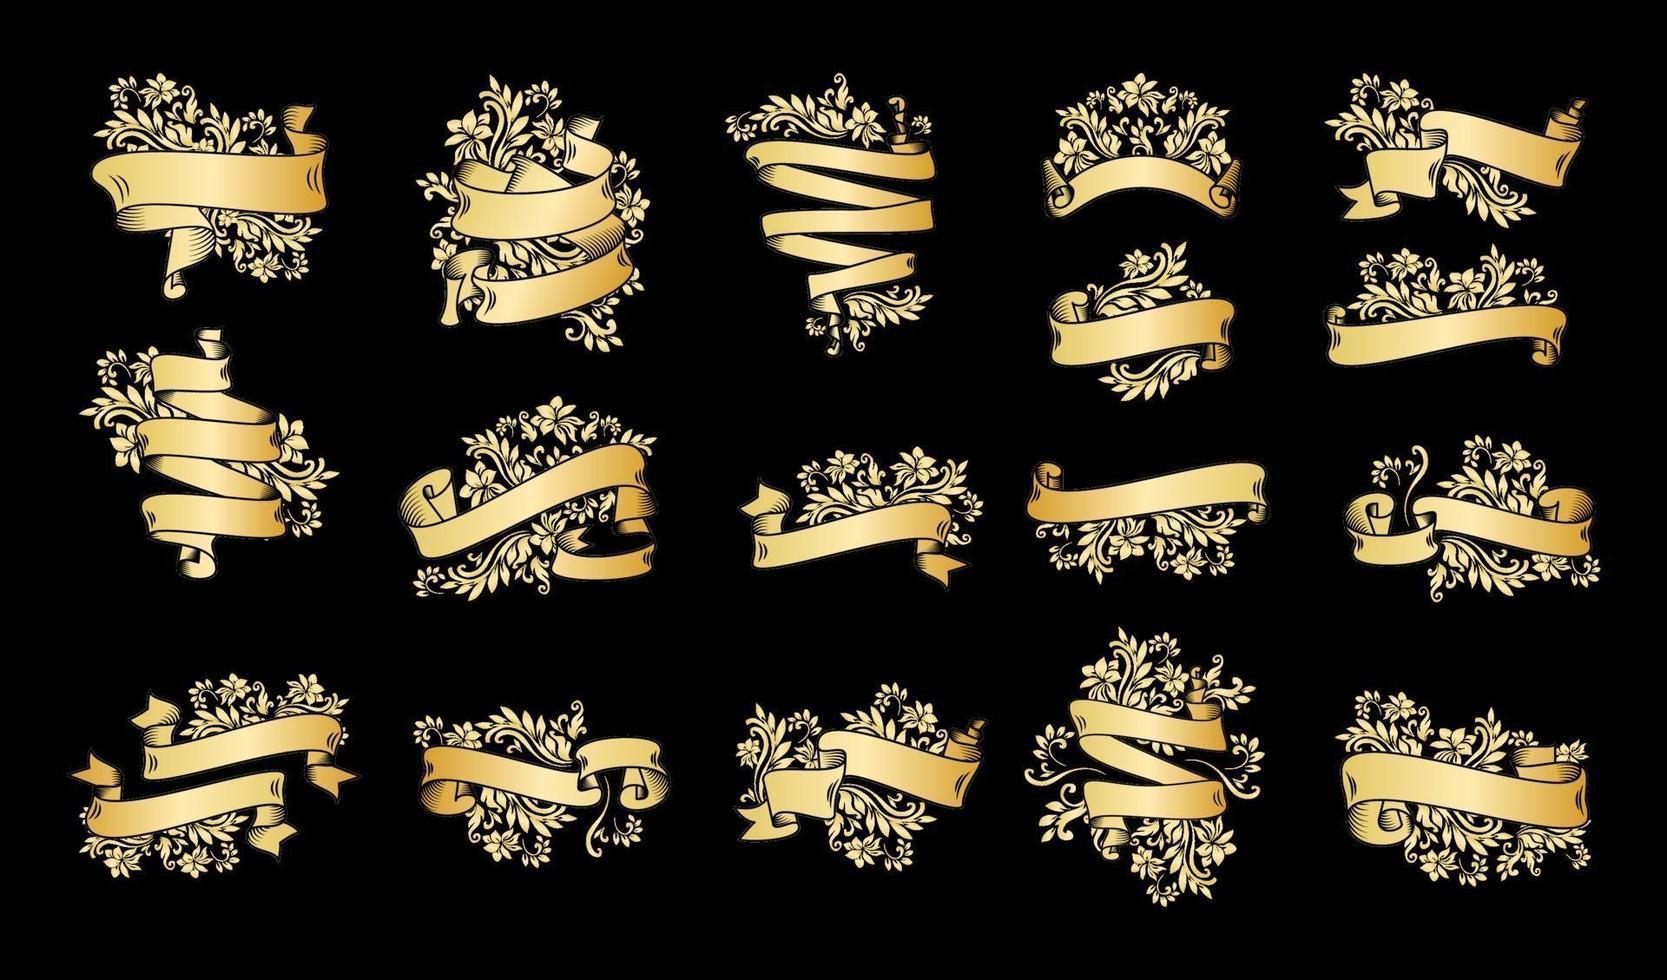 bannières de ruban vintage or sur fond noir vecteur